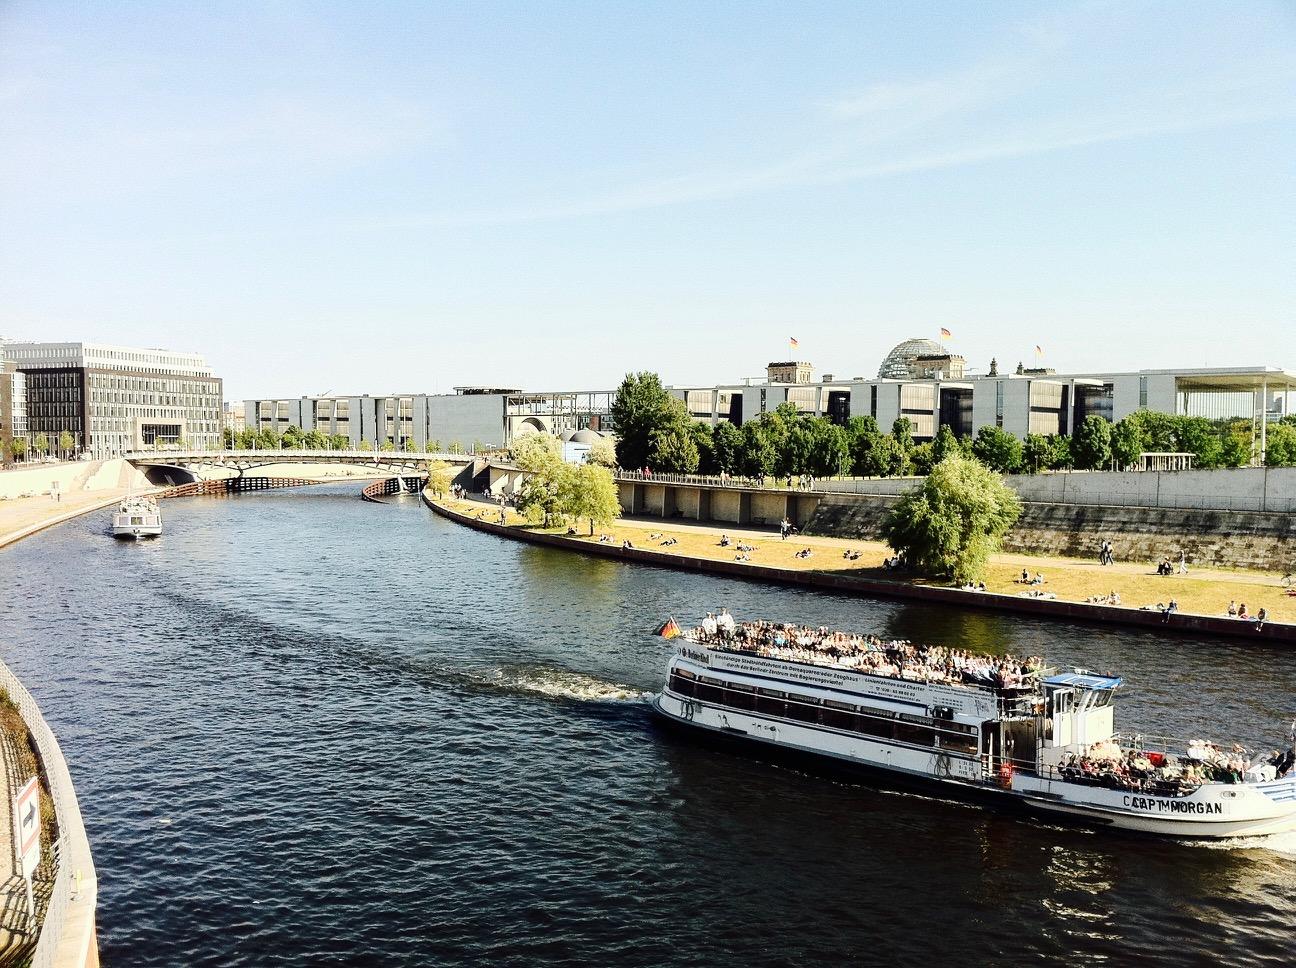 Dampfer auf der Spree, Berlin Mitte